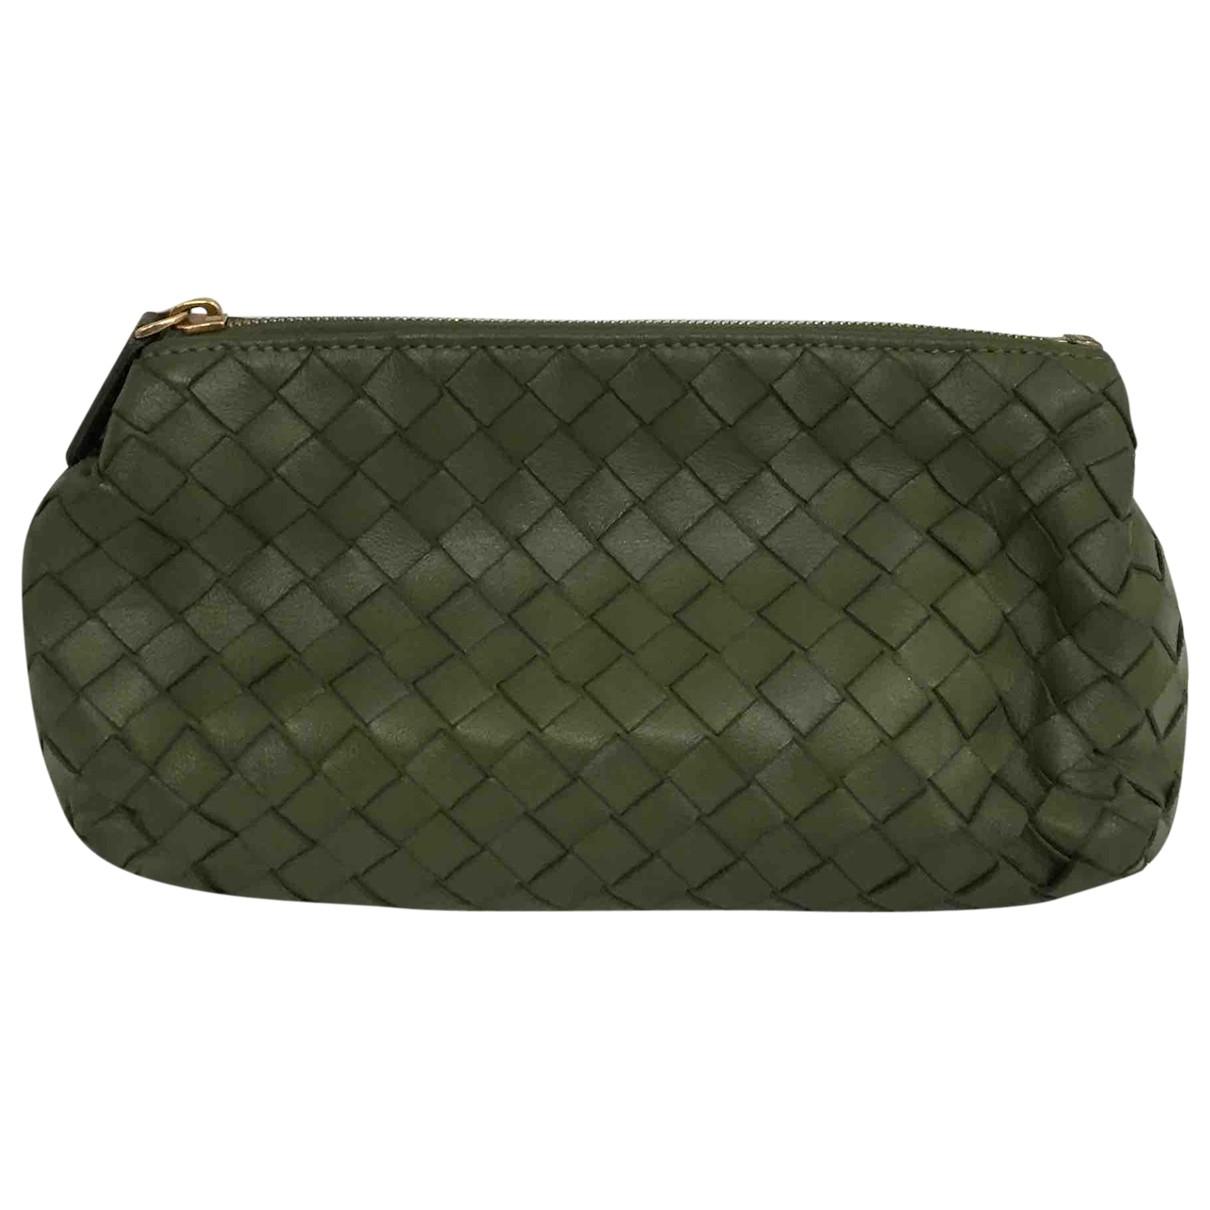 Bottega Veneta - Sac de voyage   pour femme en cuir - vert